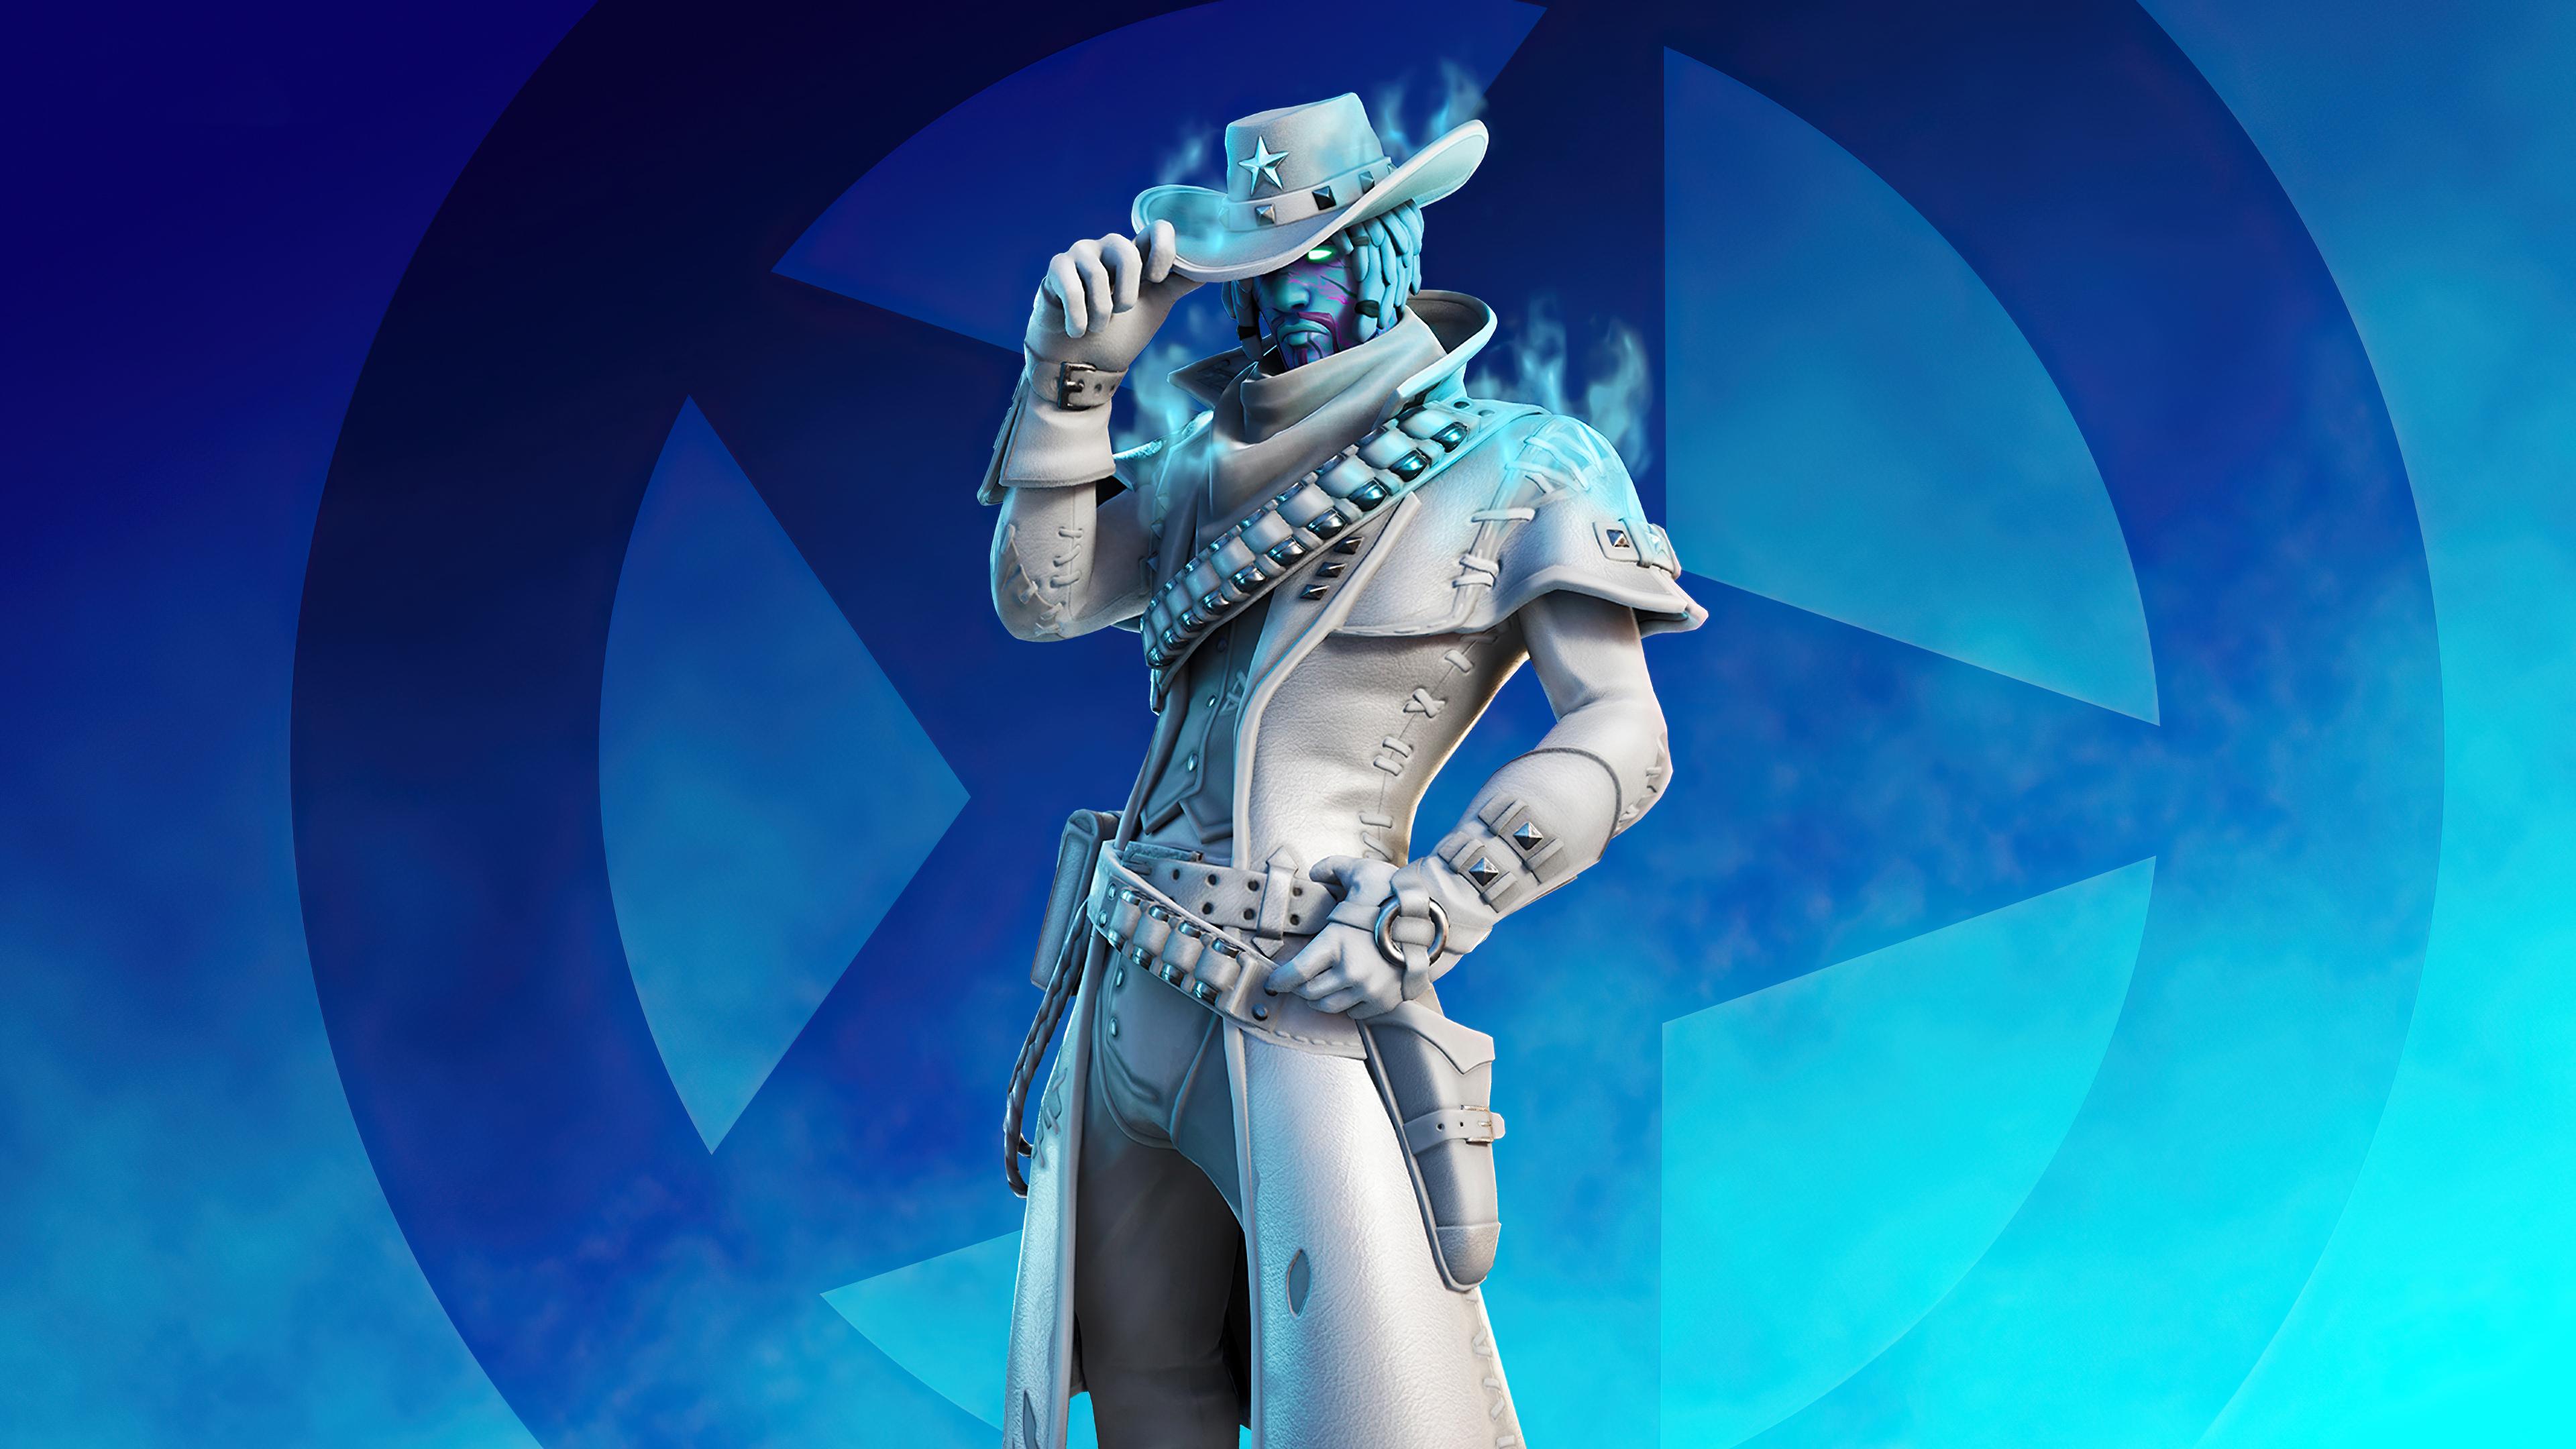 fortnite-deadfire-outfit-4k-w1.jpg